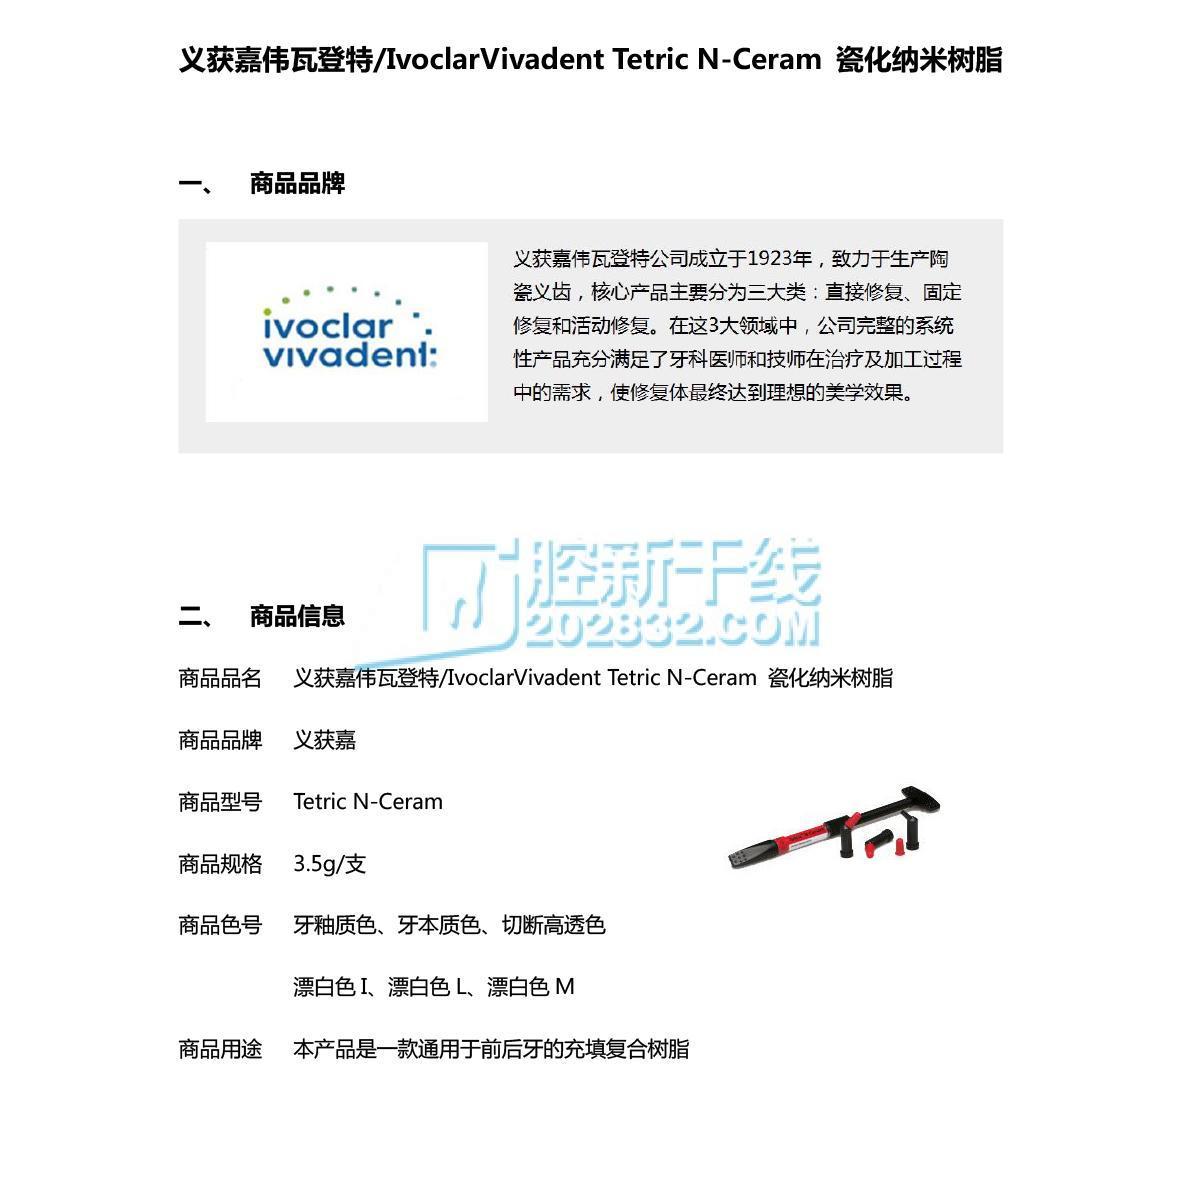 义获嘉伟瓦登特IvoclarVivadent Tetric N-Ceram 瓷化纳米树脂-1.jpg